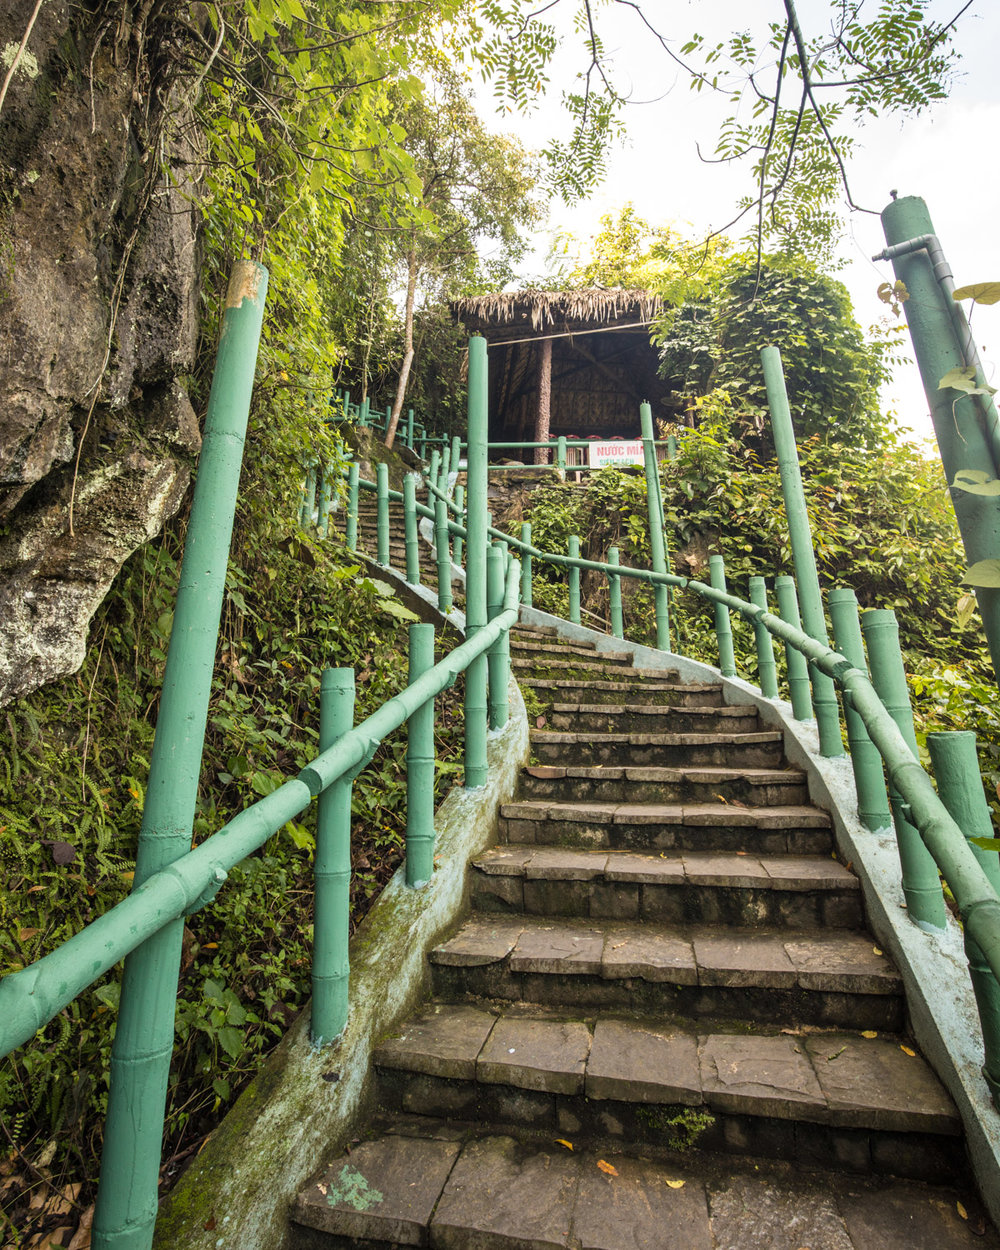 Phong Nha Ke Bang National Park - The stairs at Phong Nha Cave